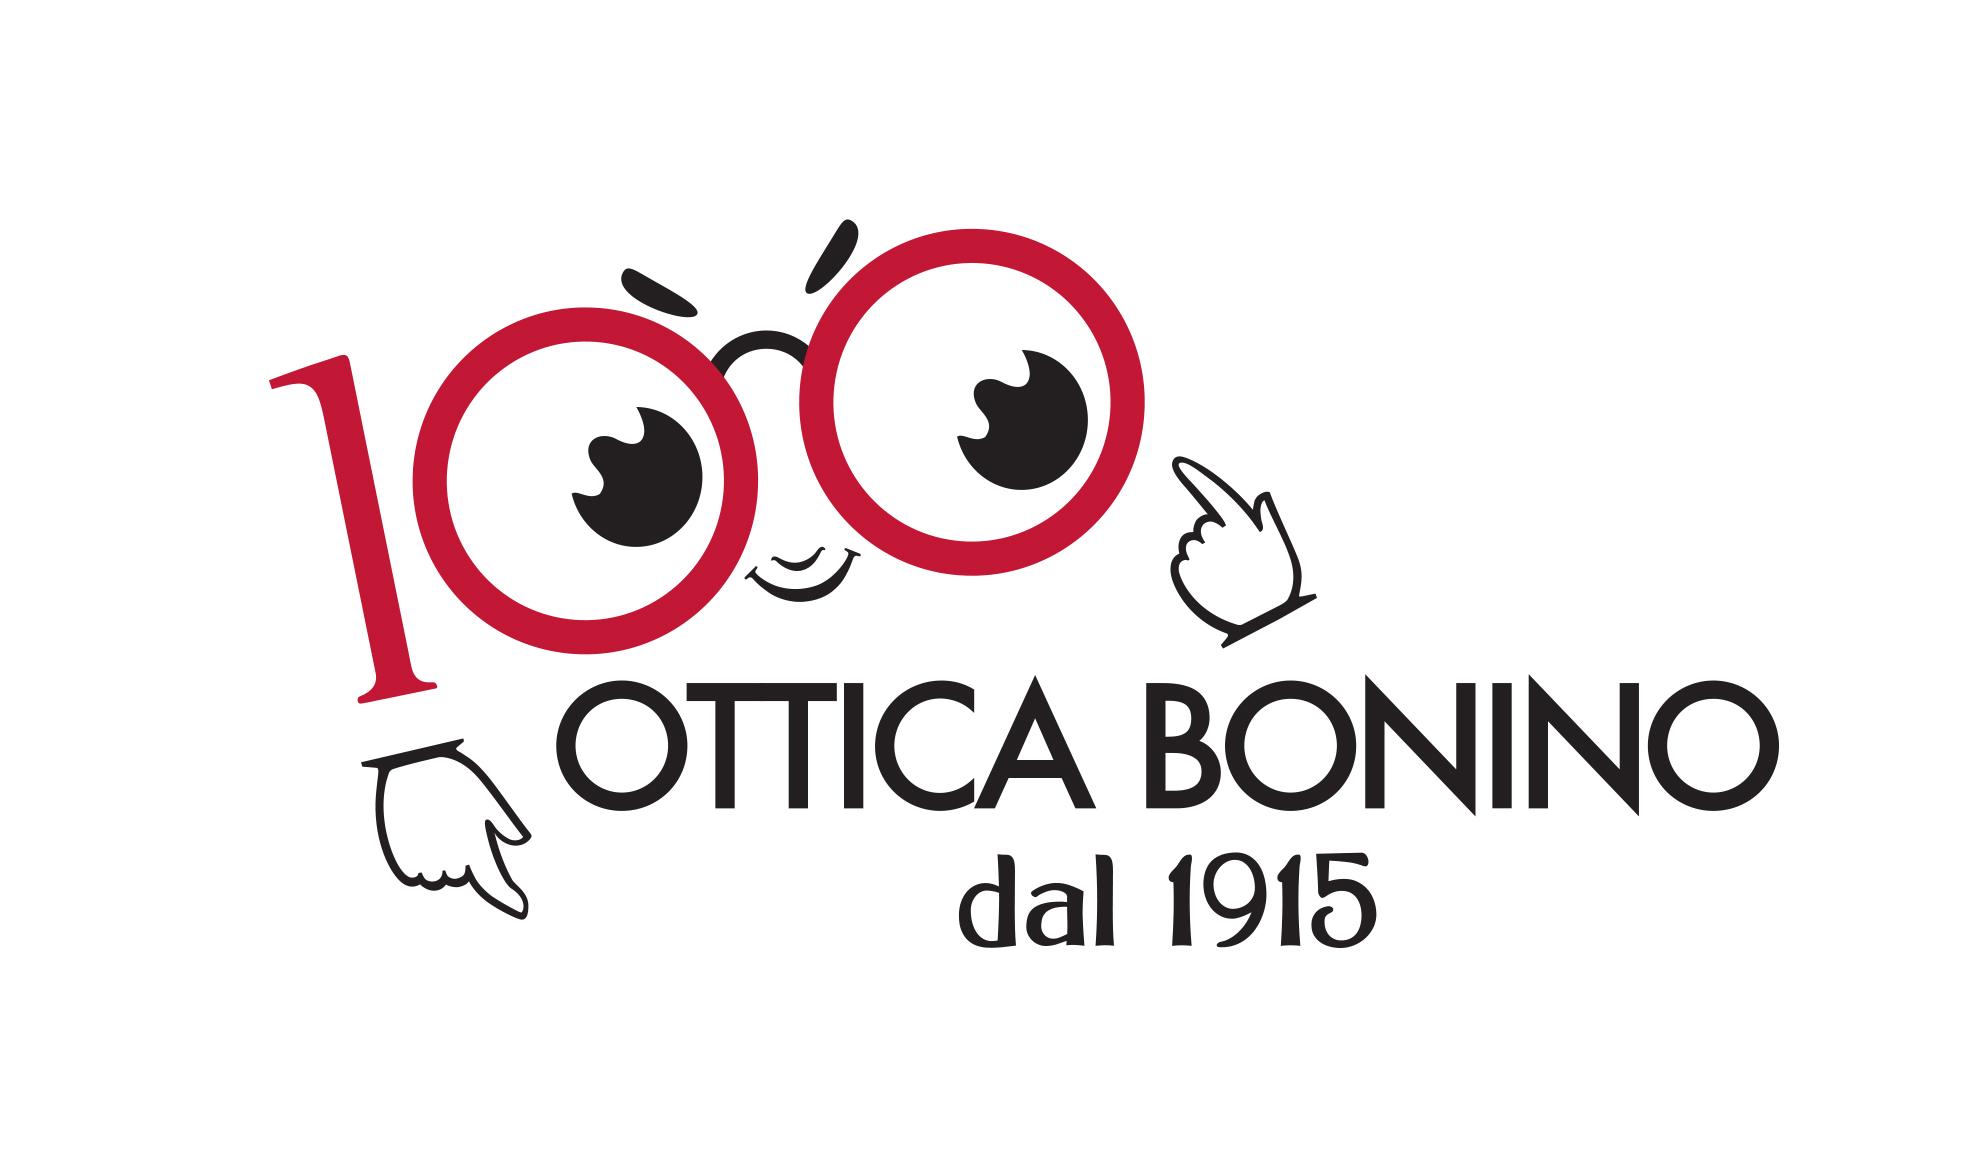 Verso il Centerario Ottica Bonino Logo - Eleonora Casetta